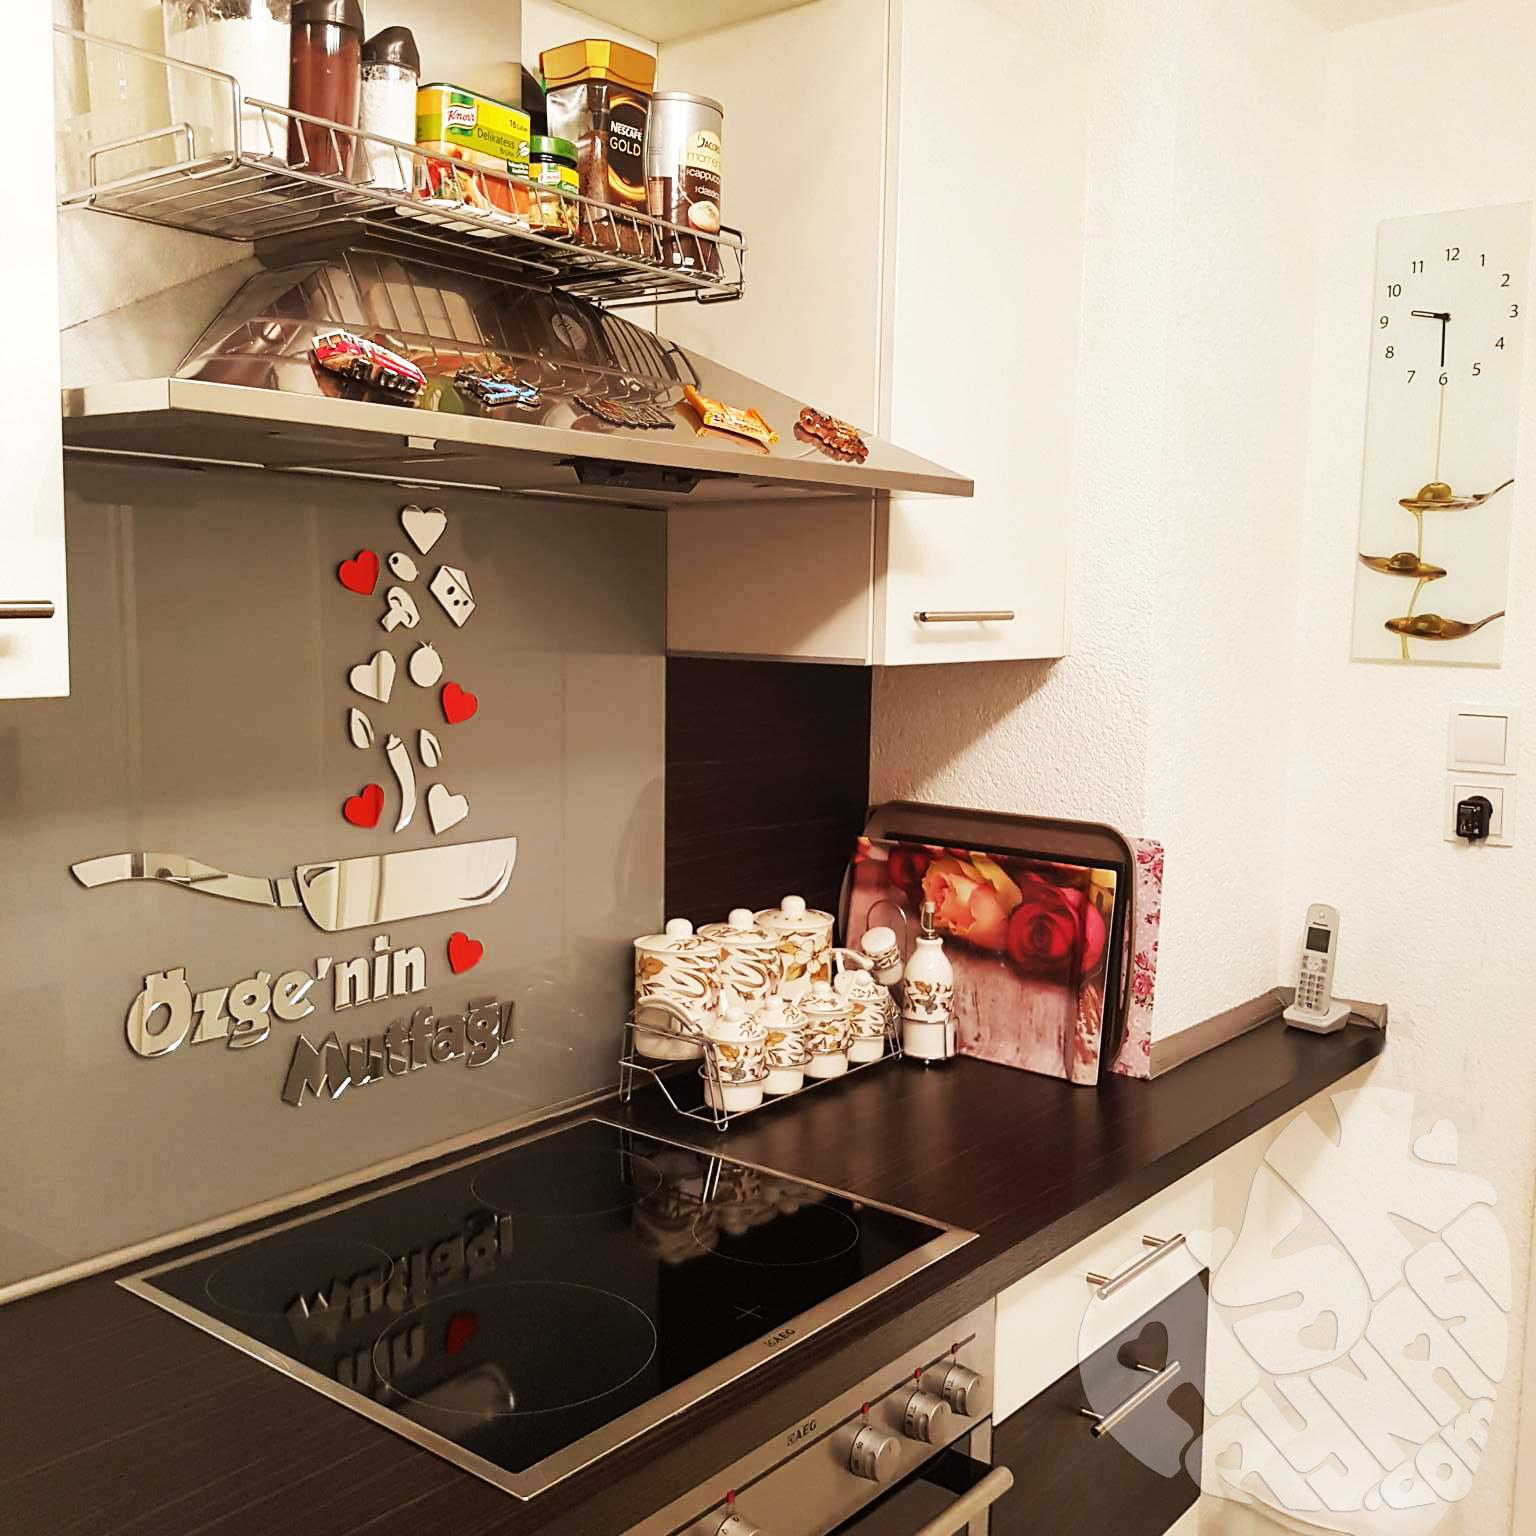 mutfak pleksi süs ile ilgili görsel sonucu